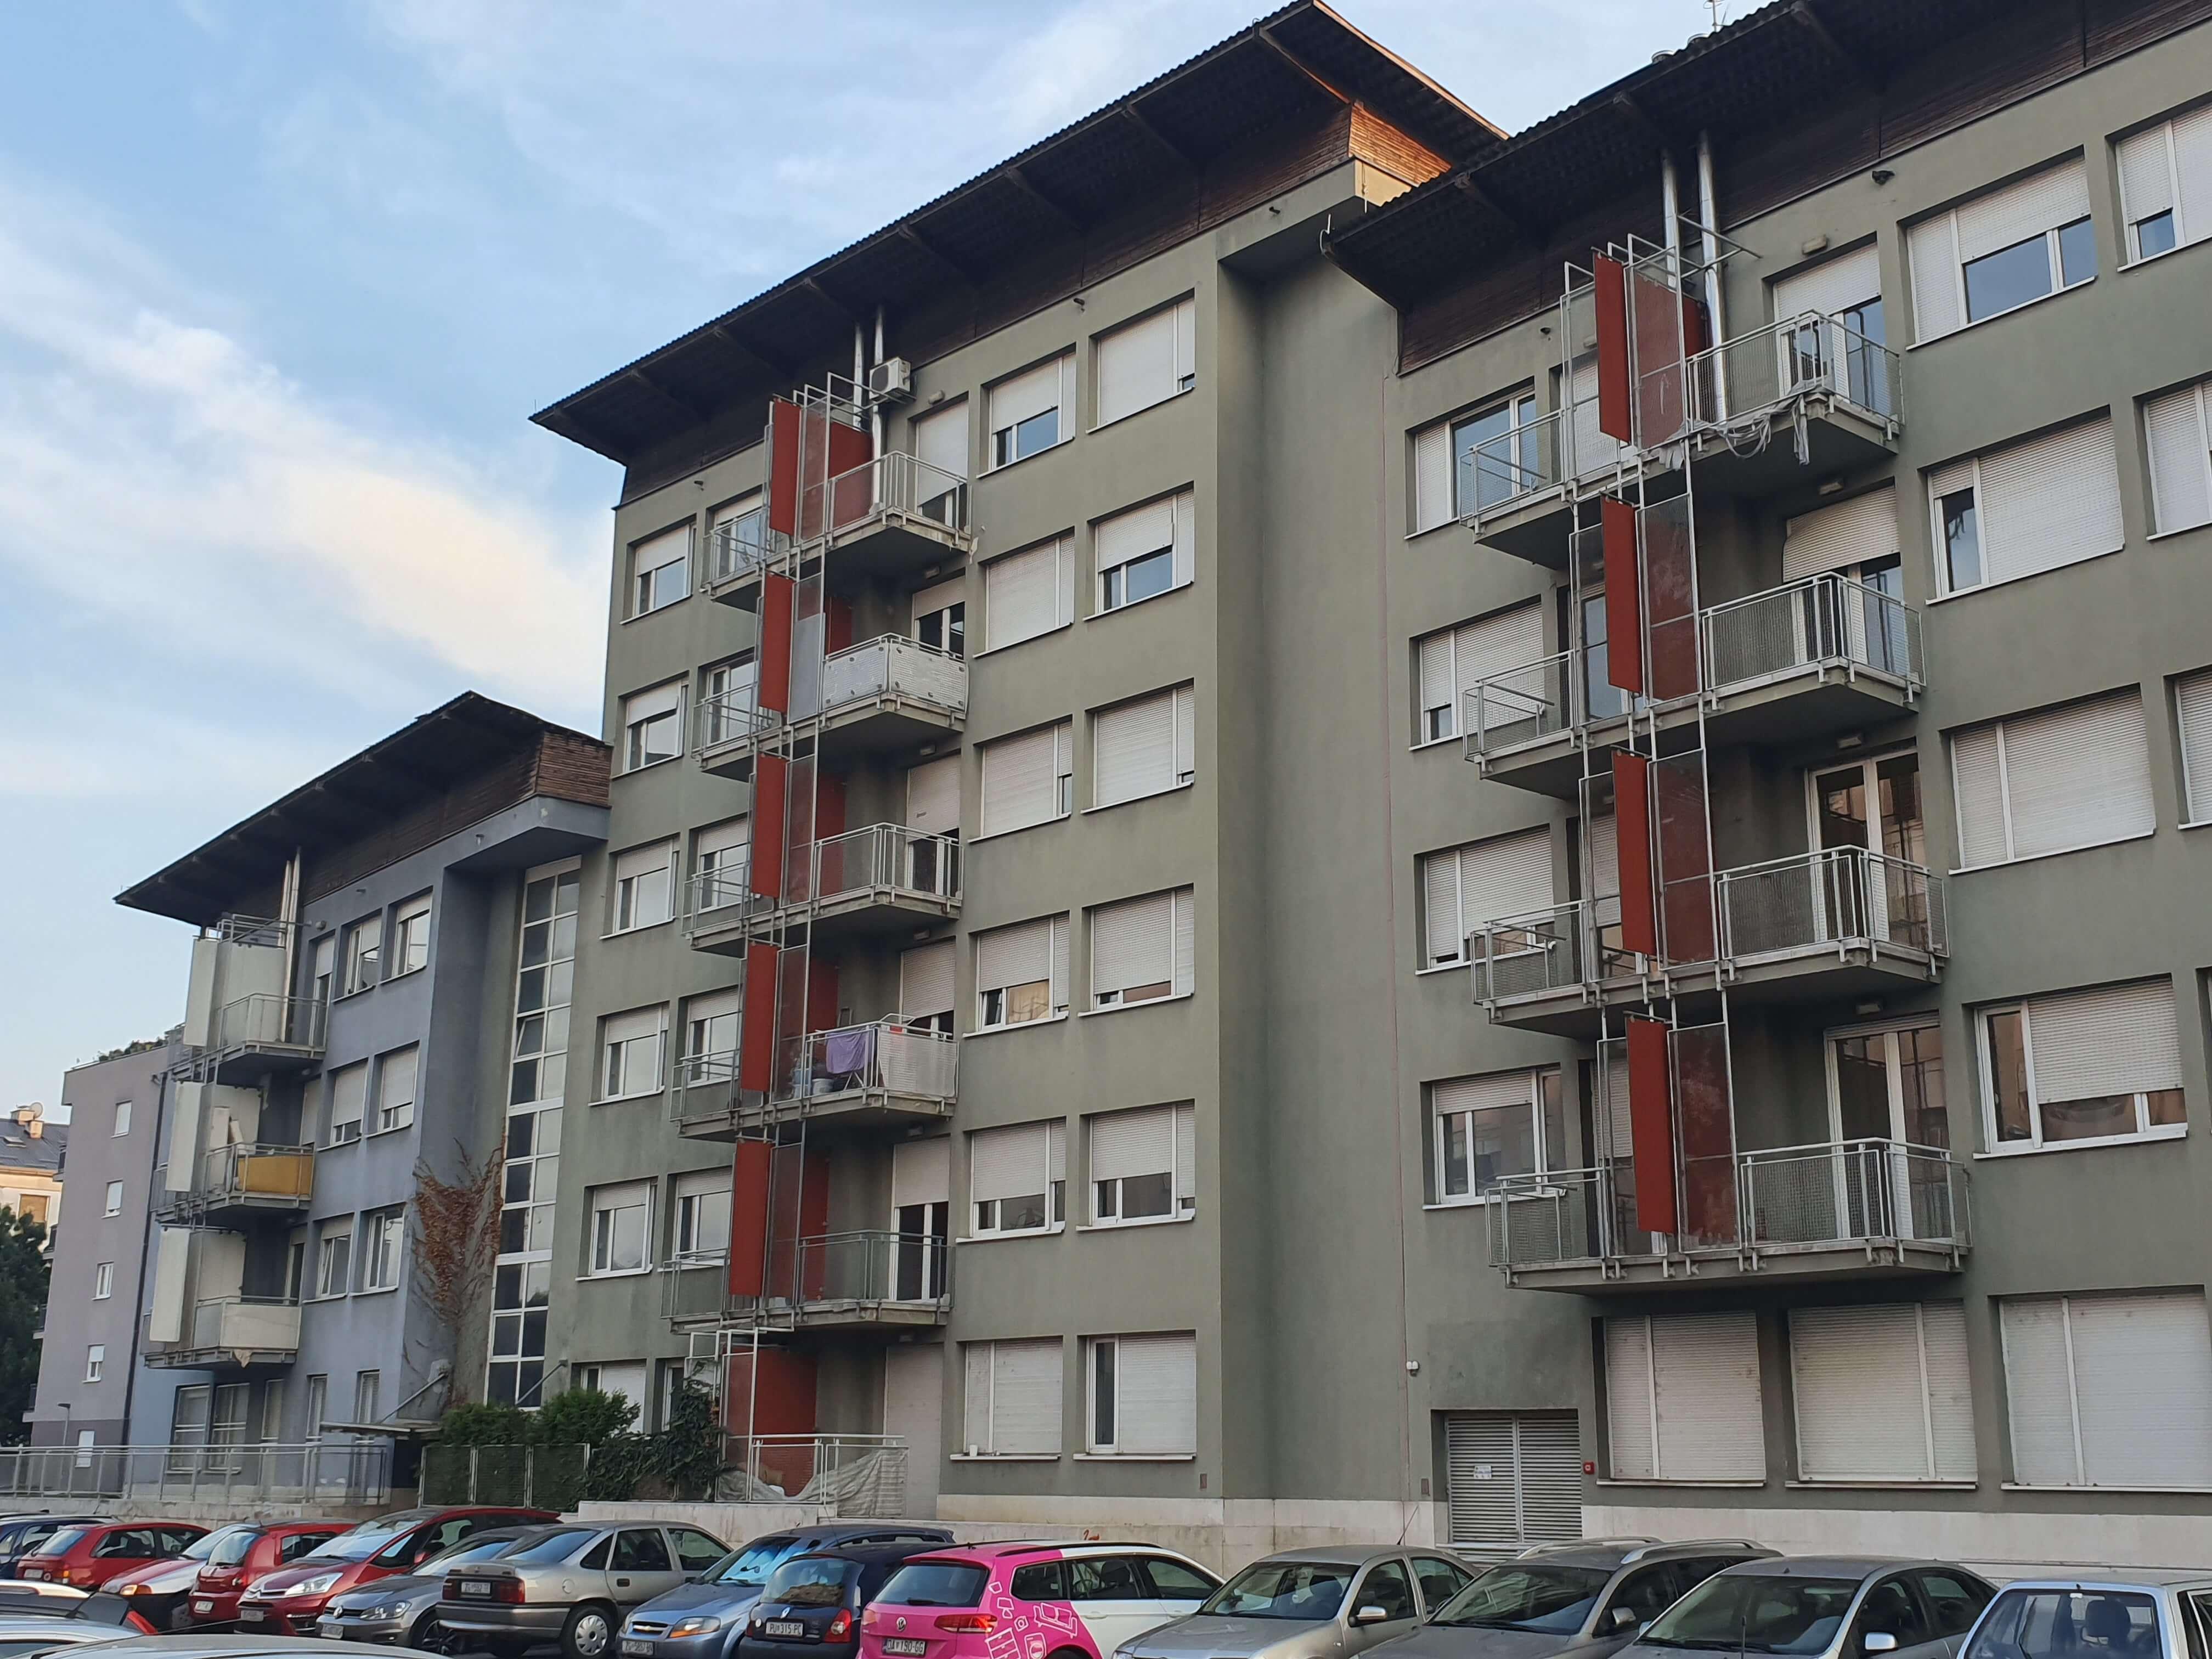 foto: Denis Gaščić | srednja.hr